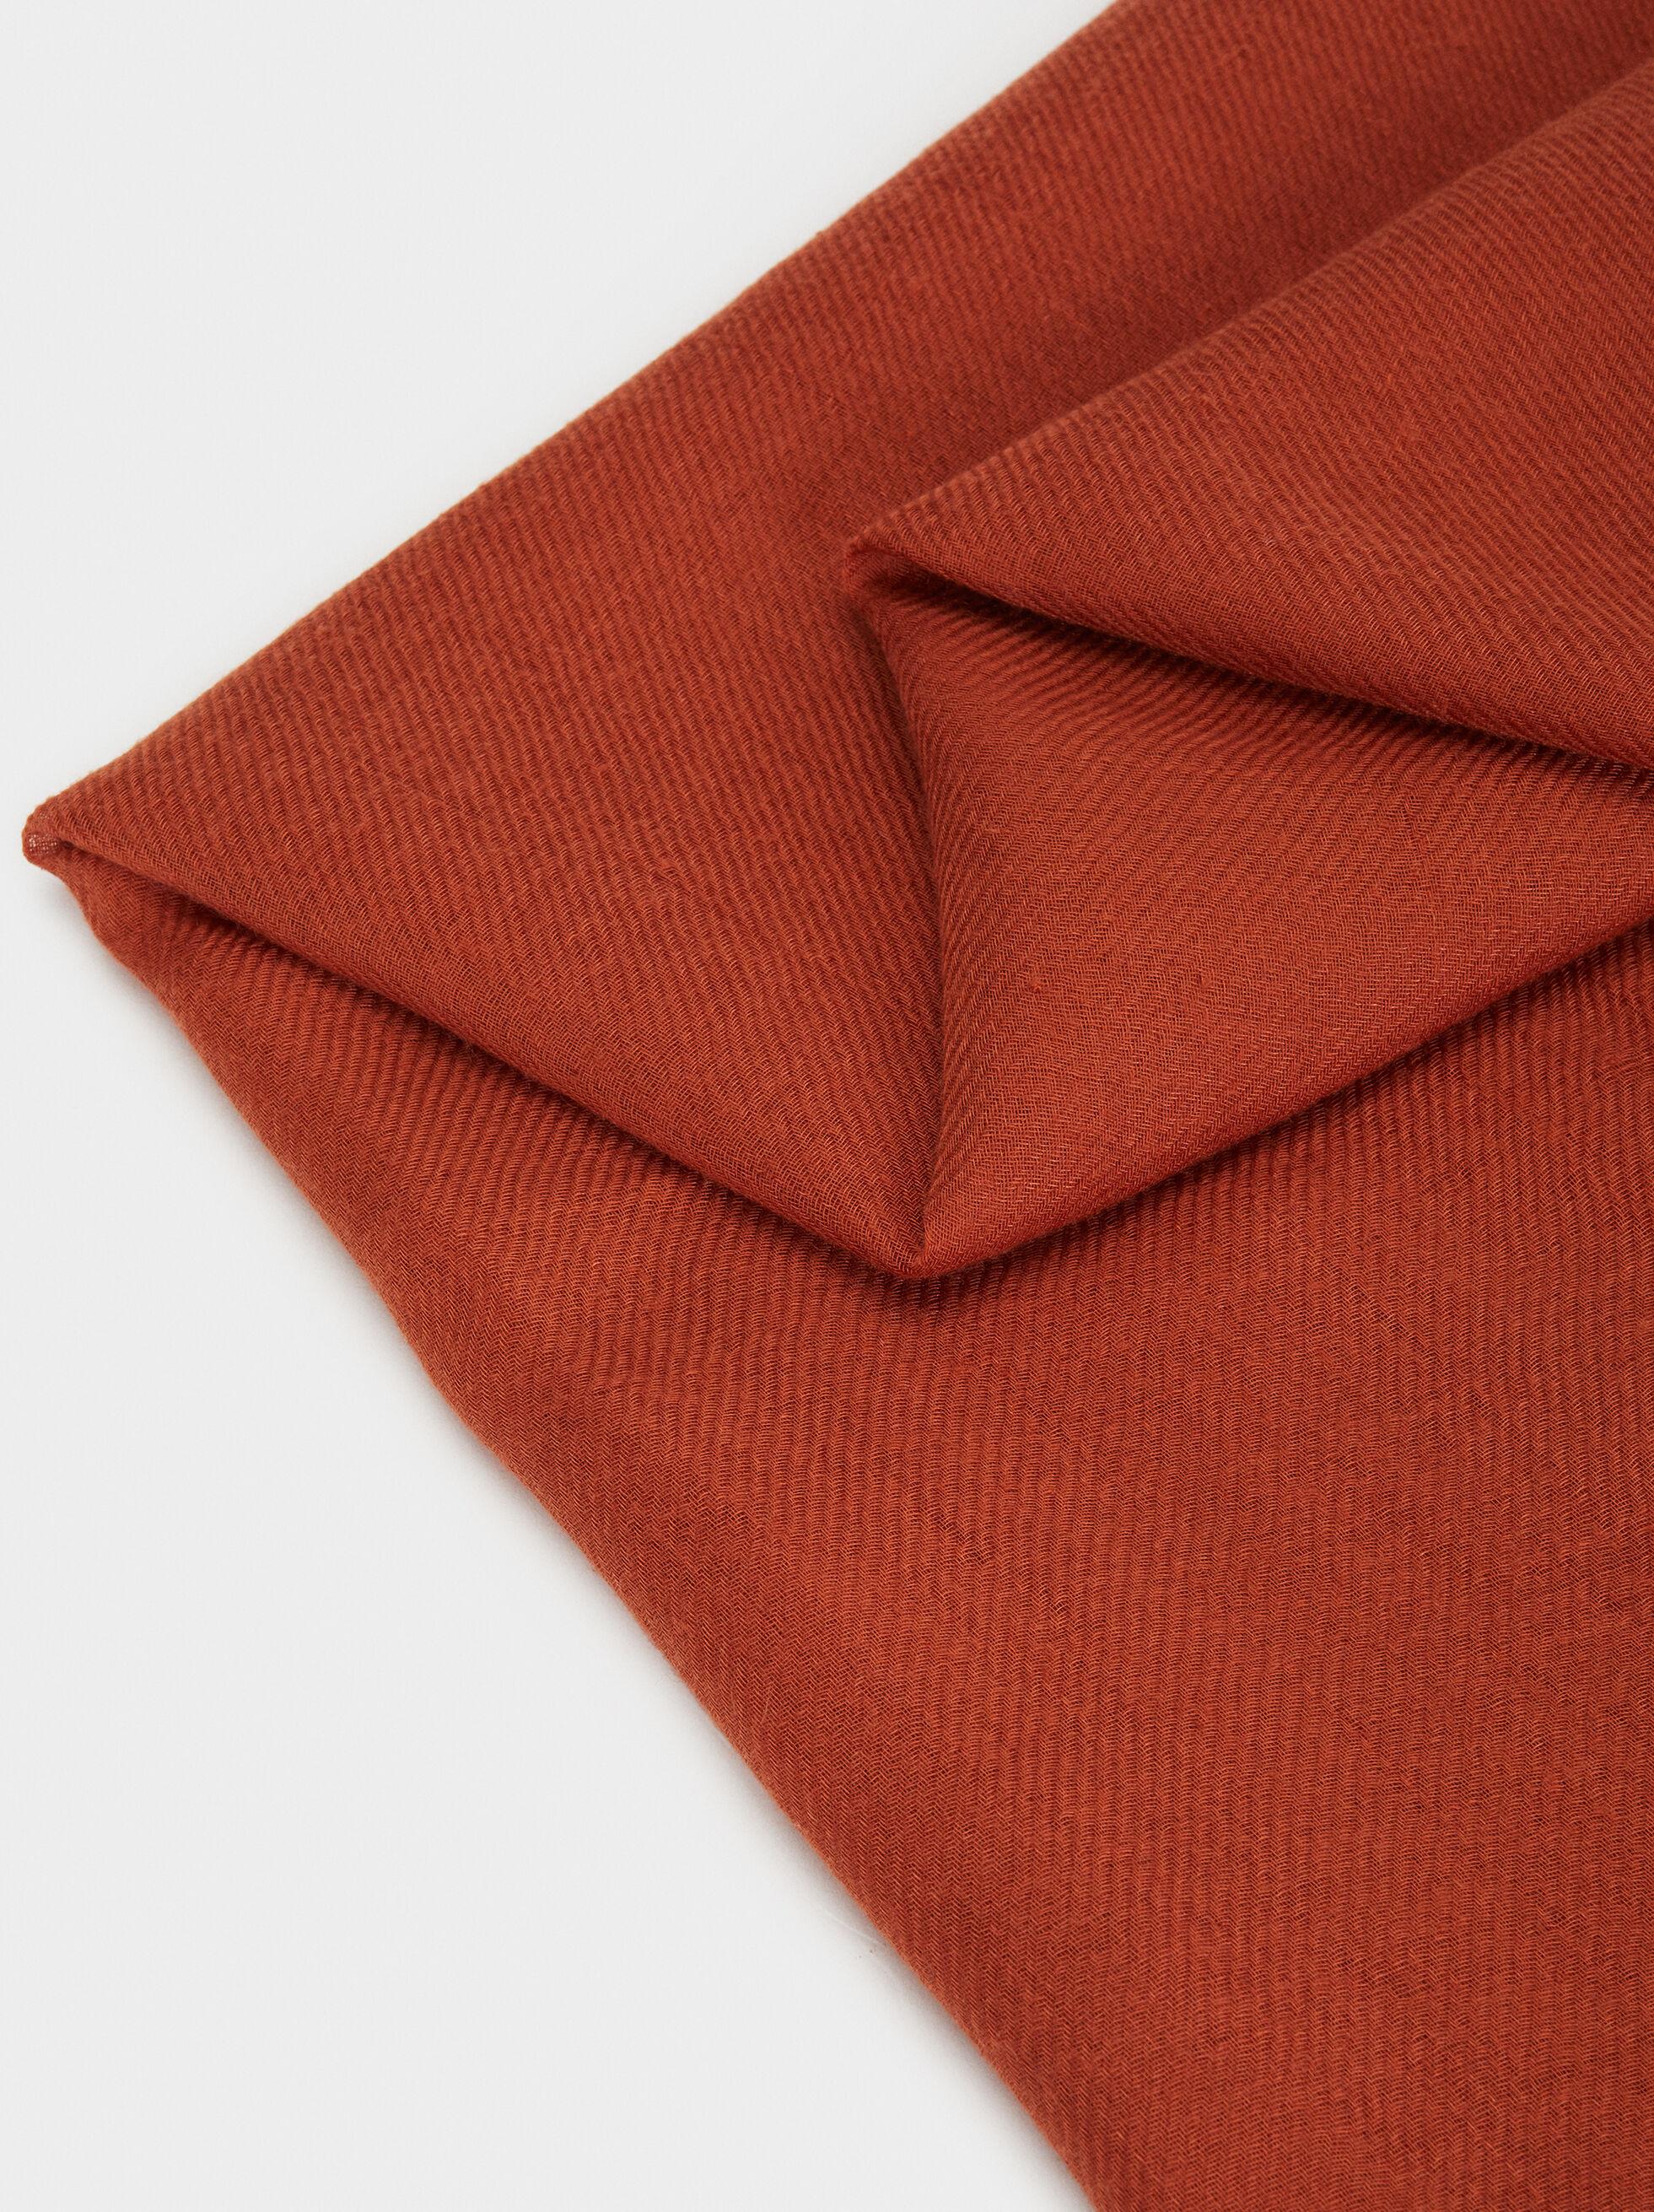 Plain Pashmina, Orange, hi-res